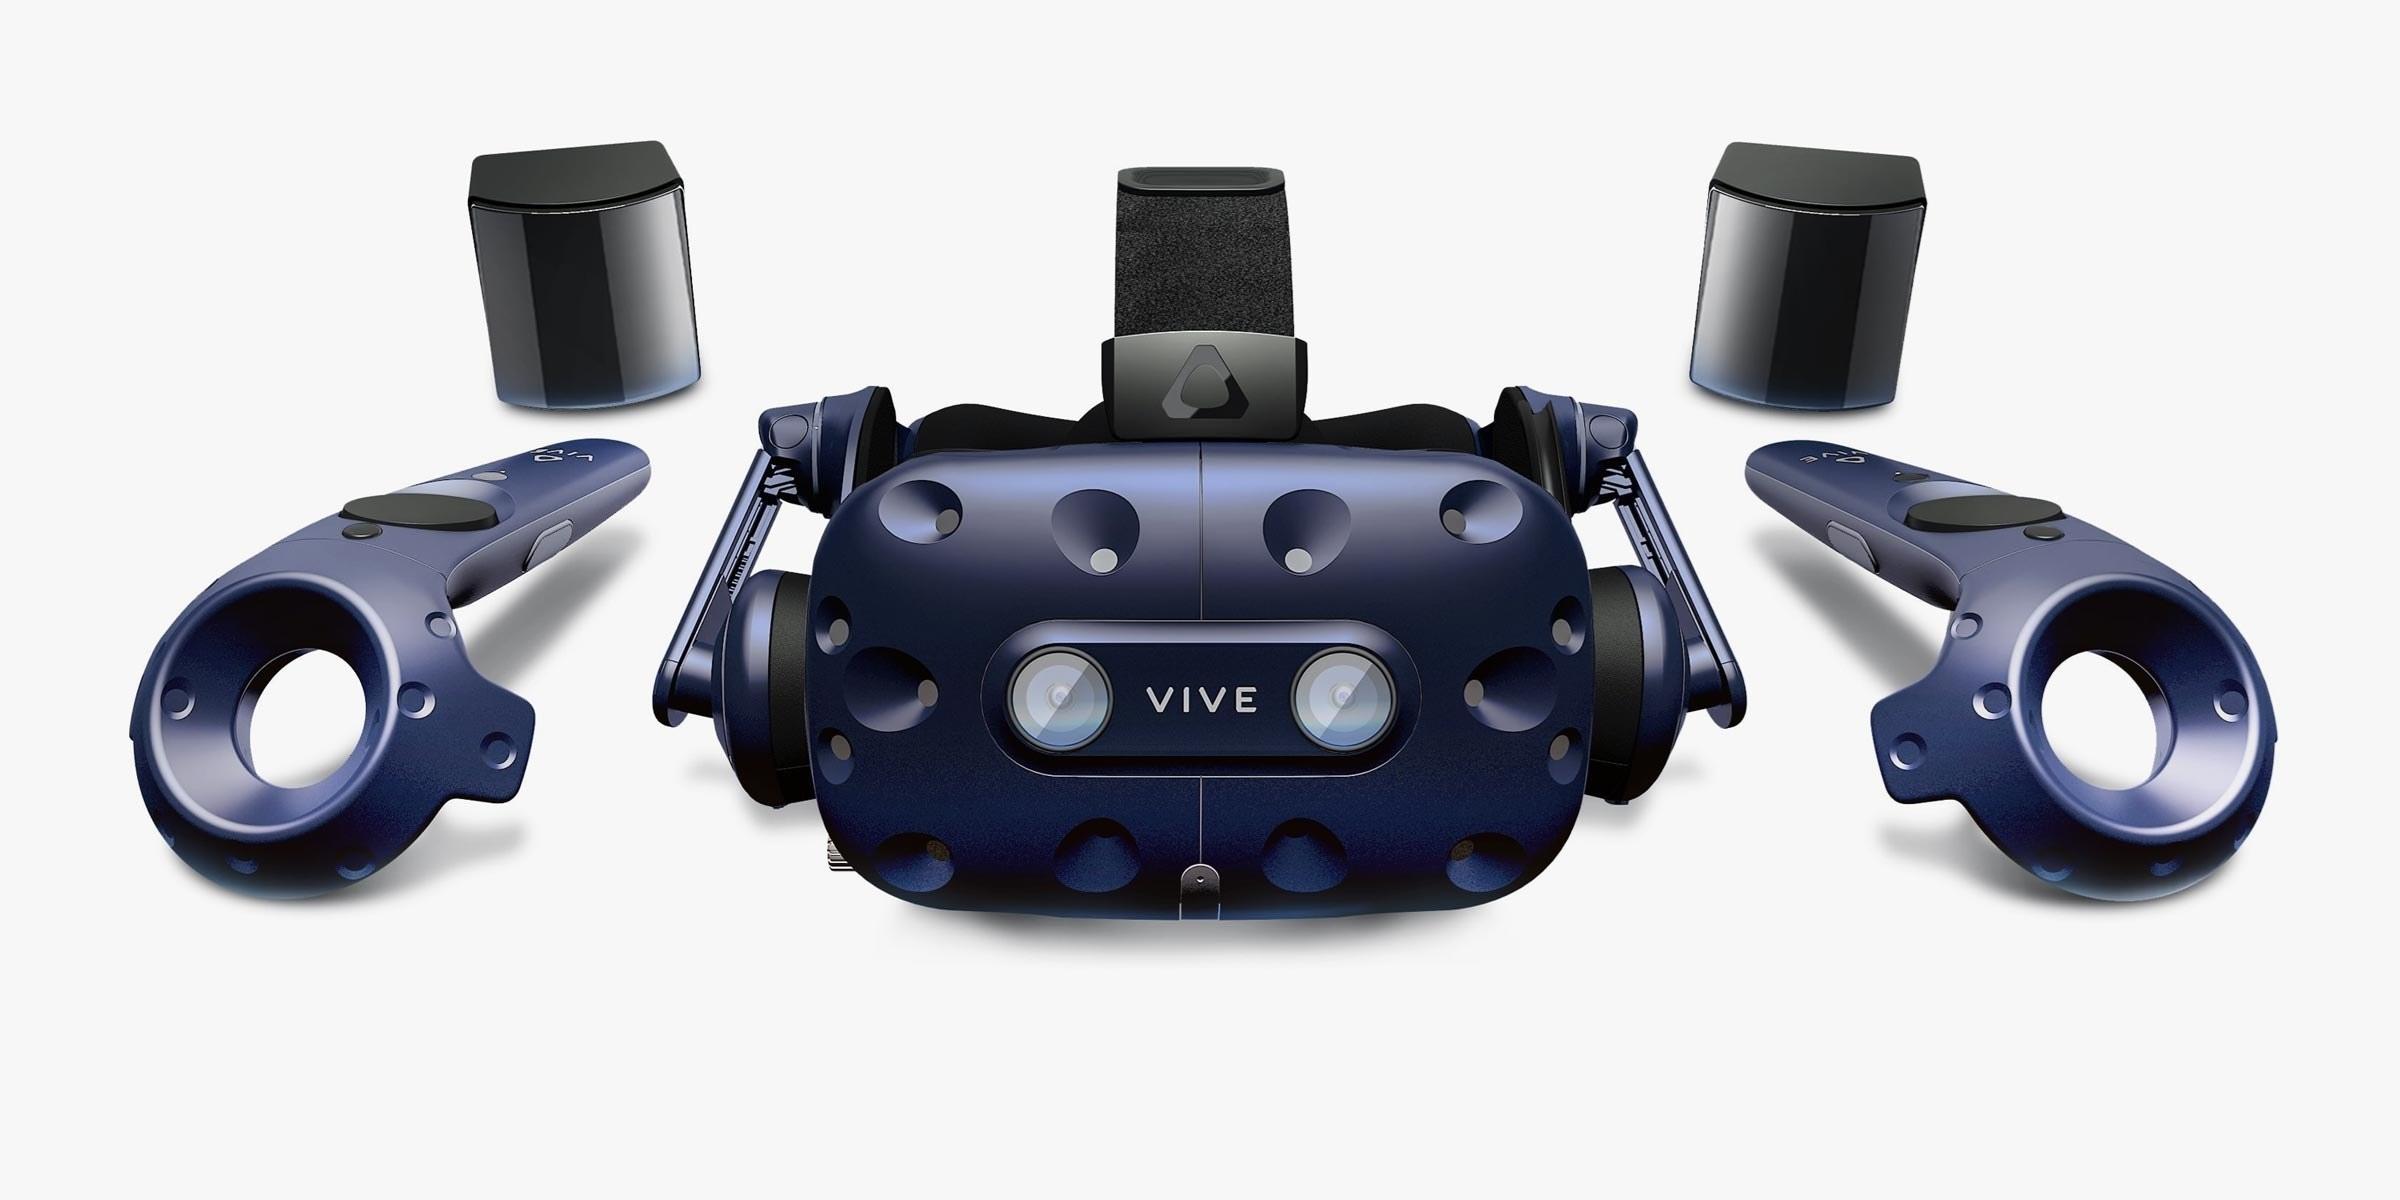 d9f7833e8 Ktorý VR headset si kúpiť? Pozrime sa na ponuku a ceny virtuálnej reality